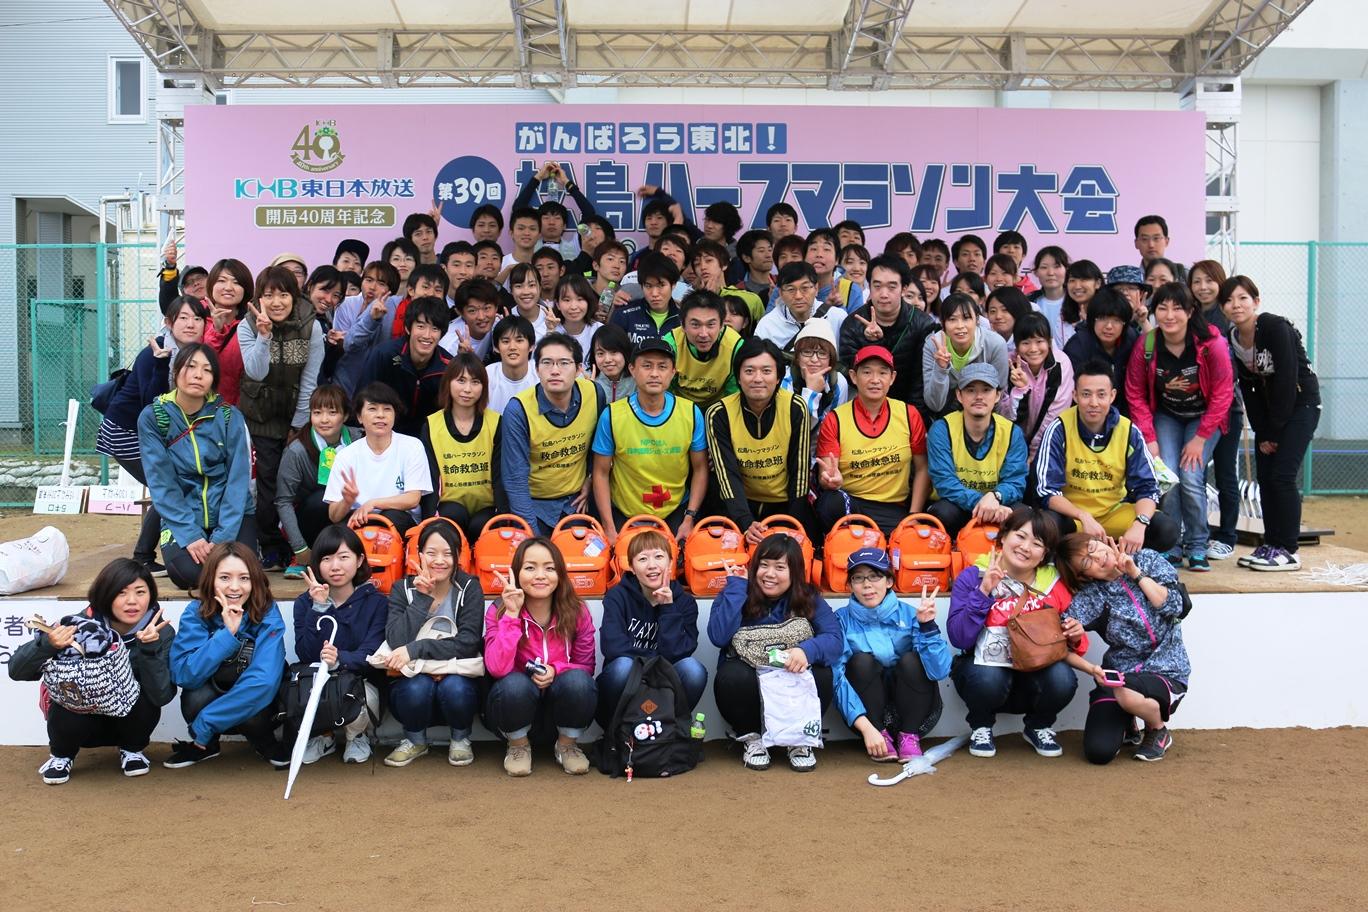 20151011松島マラソン集合写真(752KB)